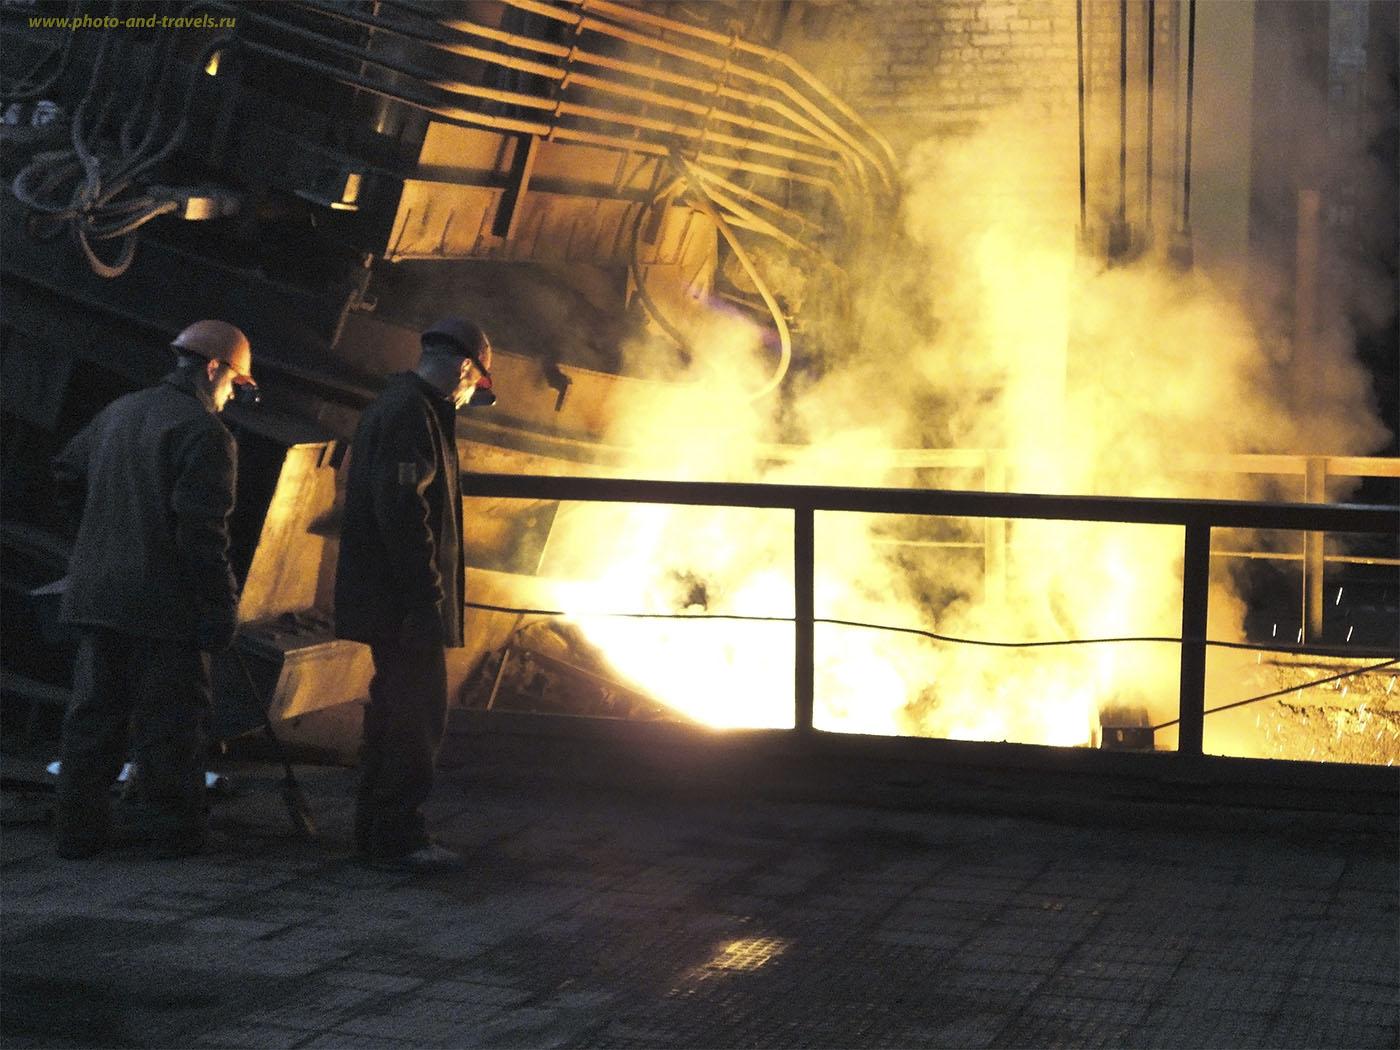 Снимок №13. Расплавленный металл. Фото снято мною в 2010 году на мыльницу Sony DSC-W350 в Узбекистане в Навоийском горно-металлургическом комбинате во время командировки. Наверное, то же было и на заводе имени Куйбышева в Нижнем Тагиле.